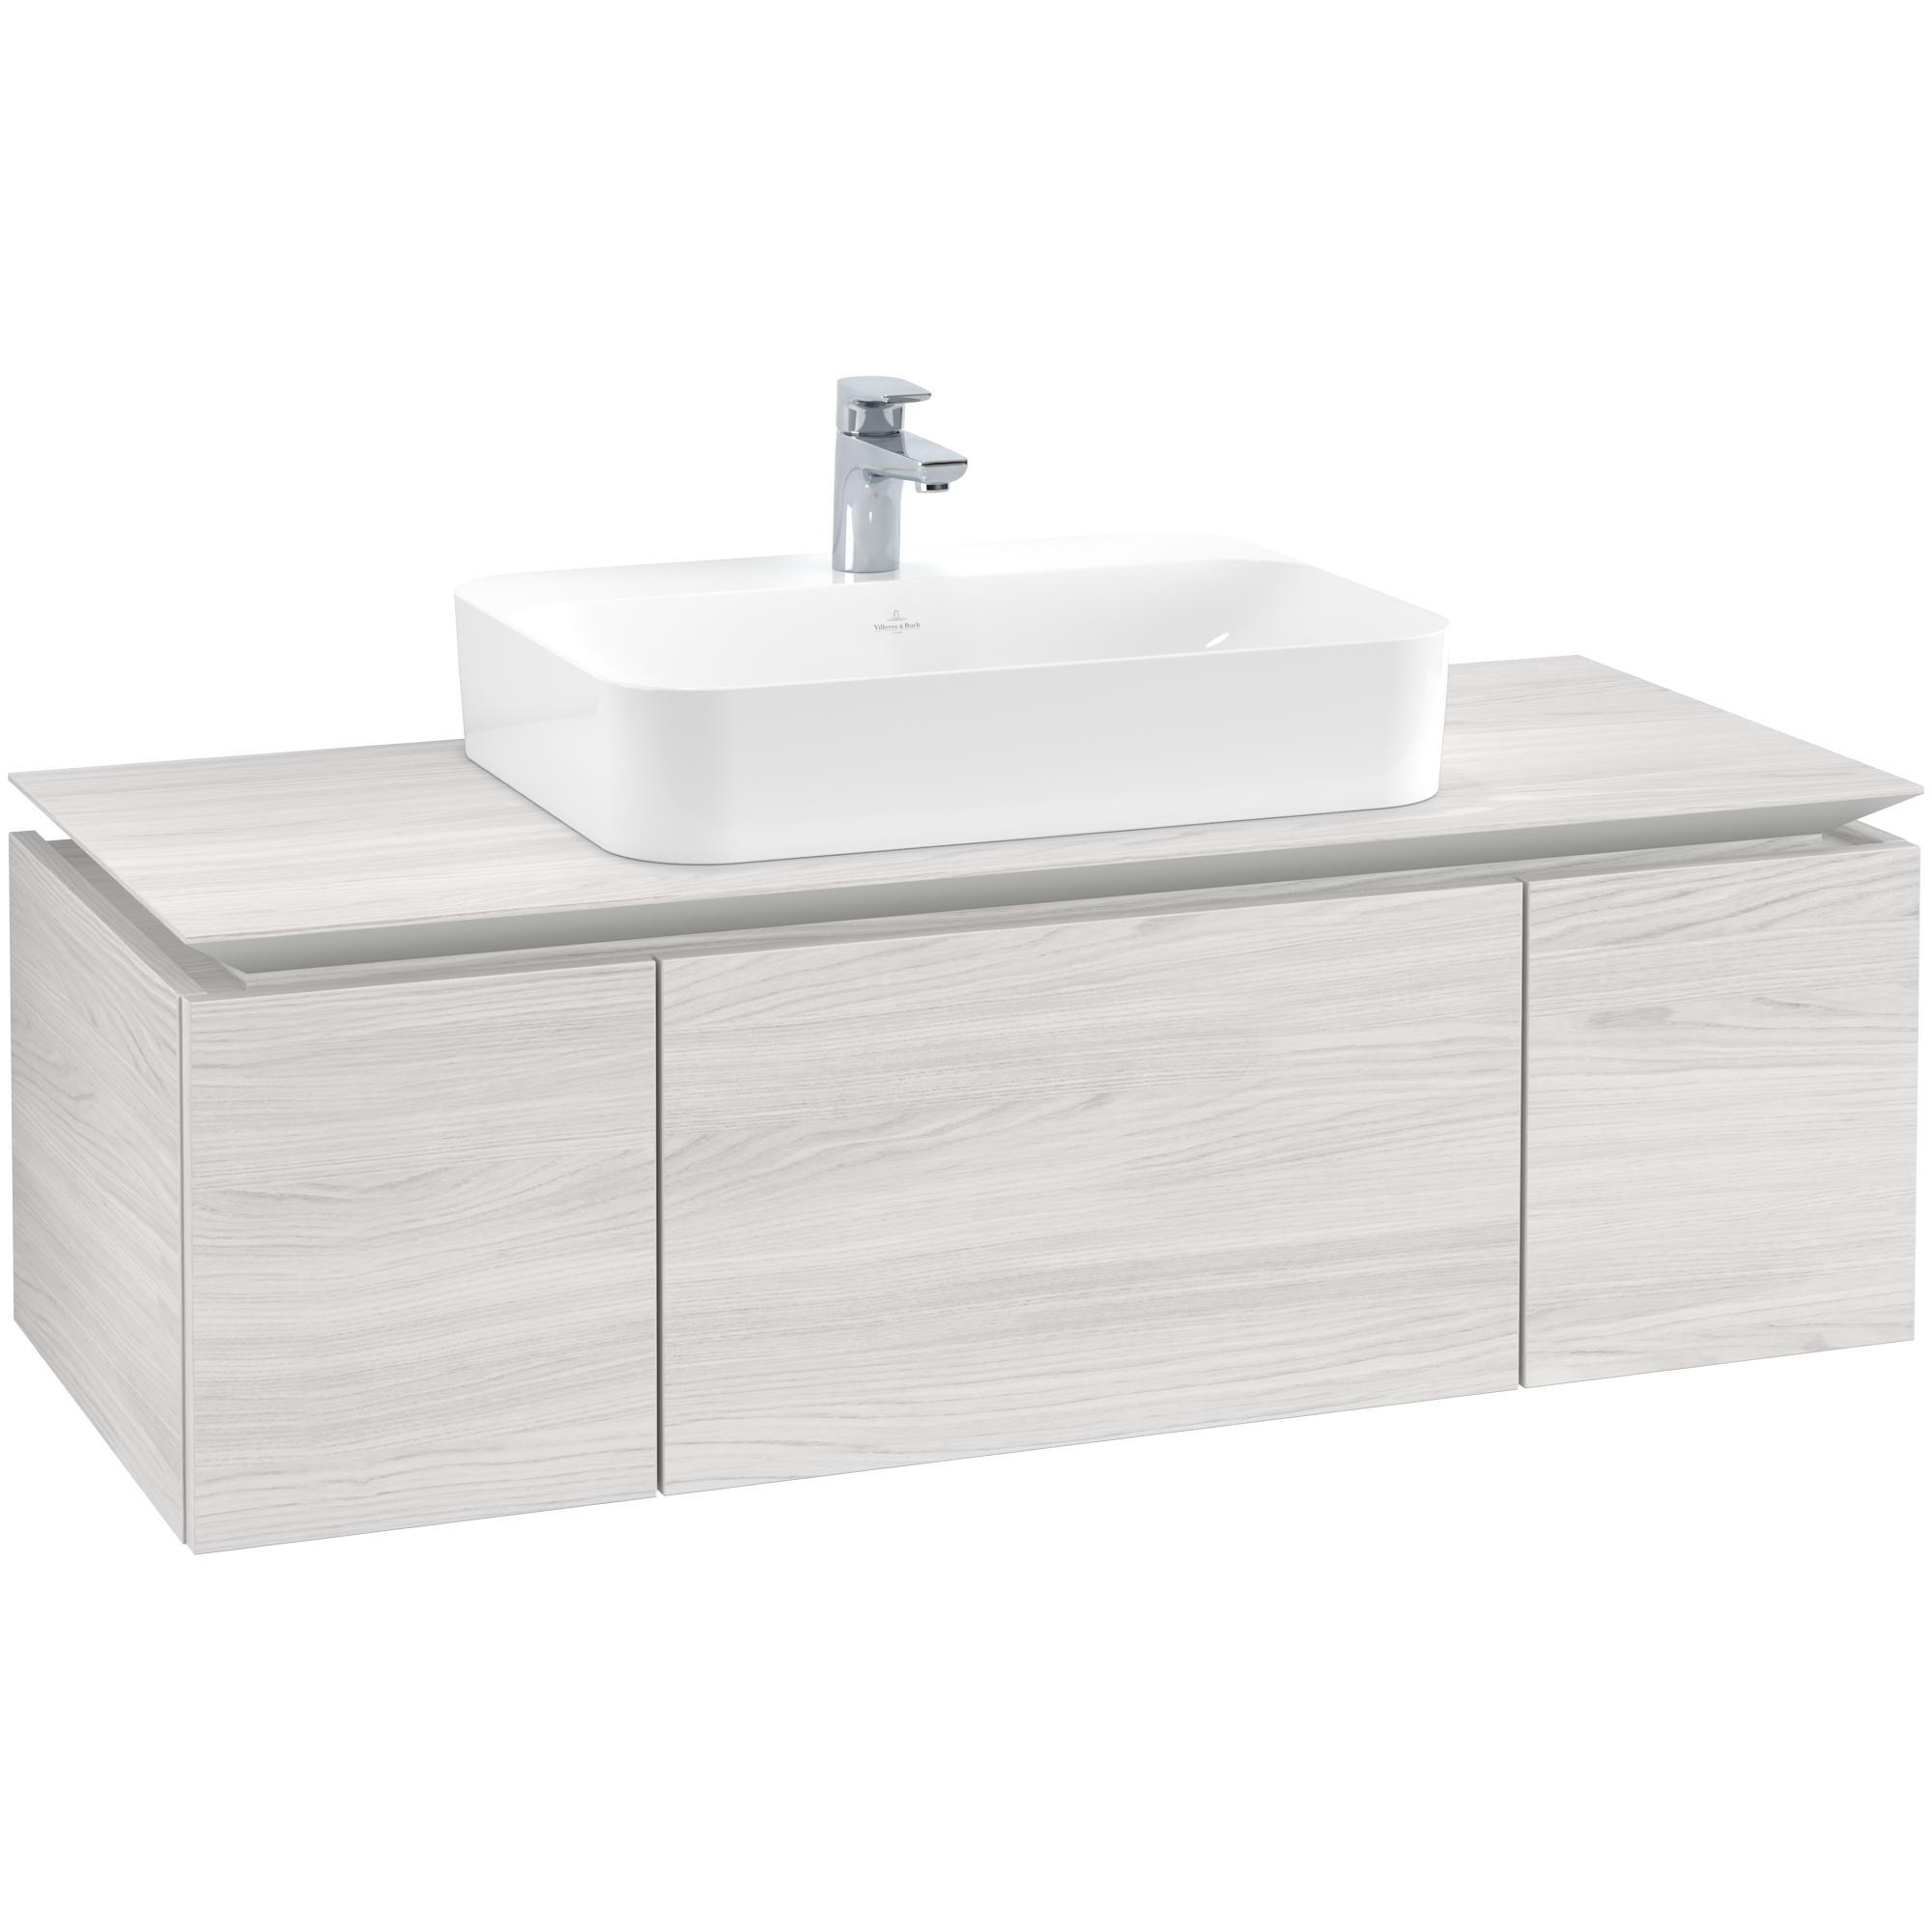 Tvättställsskåp Villeroy & Boch Legato Kompakt med 3 Lådor för Ytmonterat Tvättställ från Finion & Memento